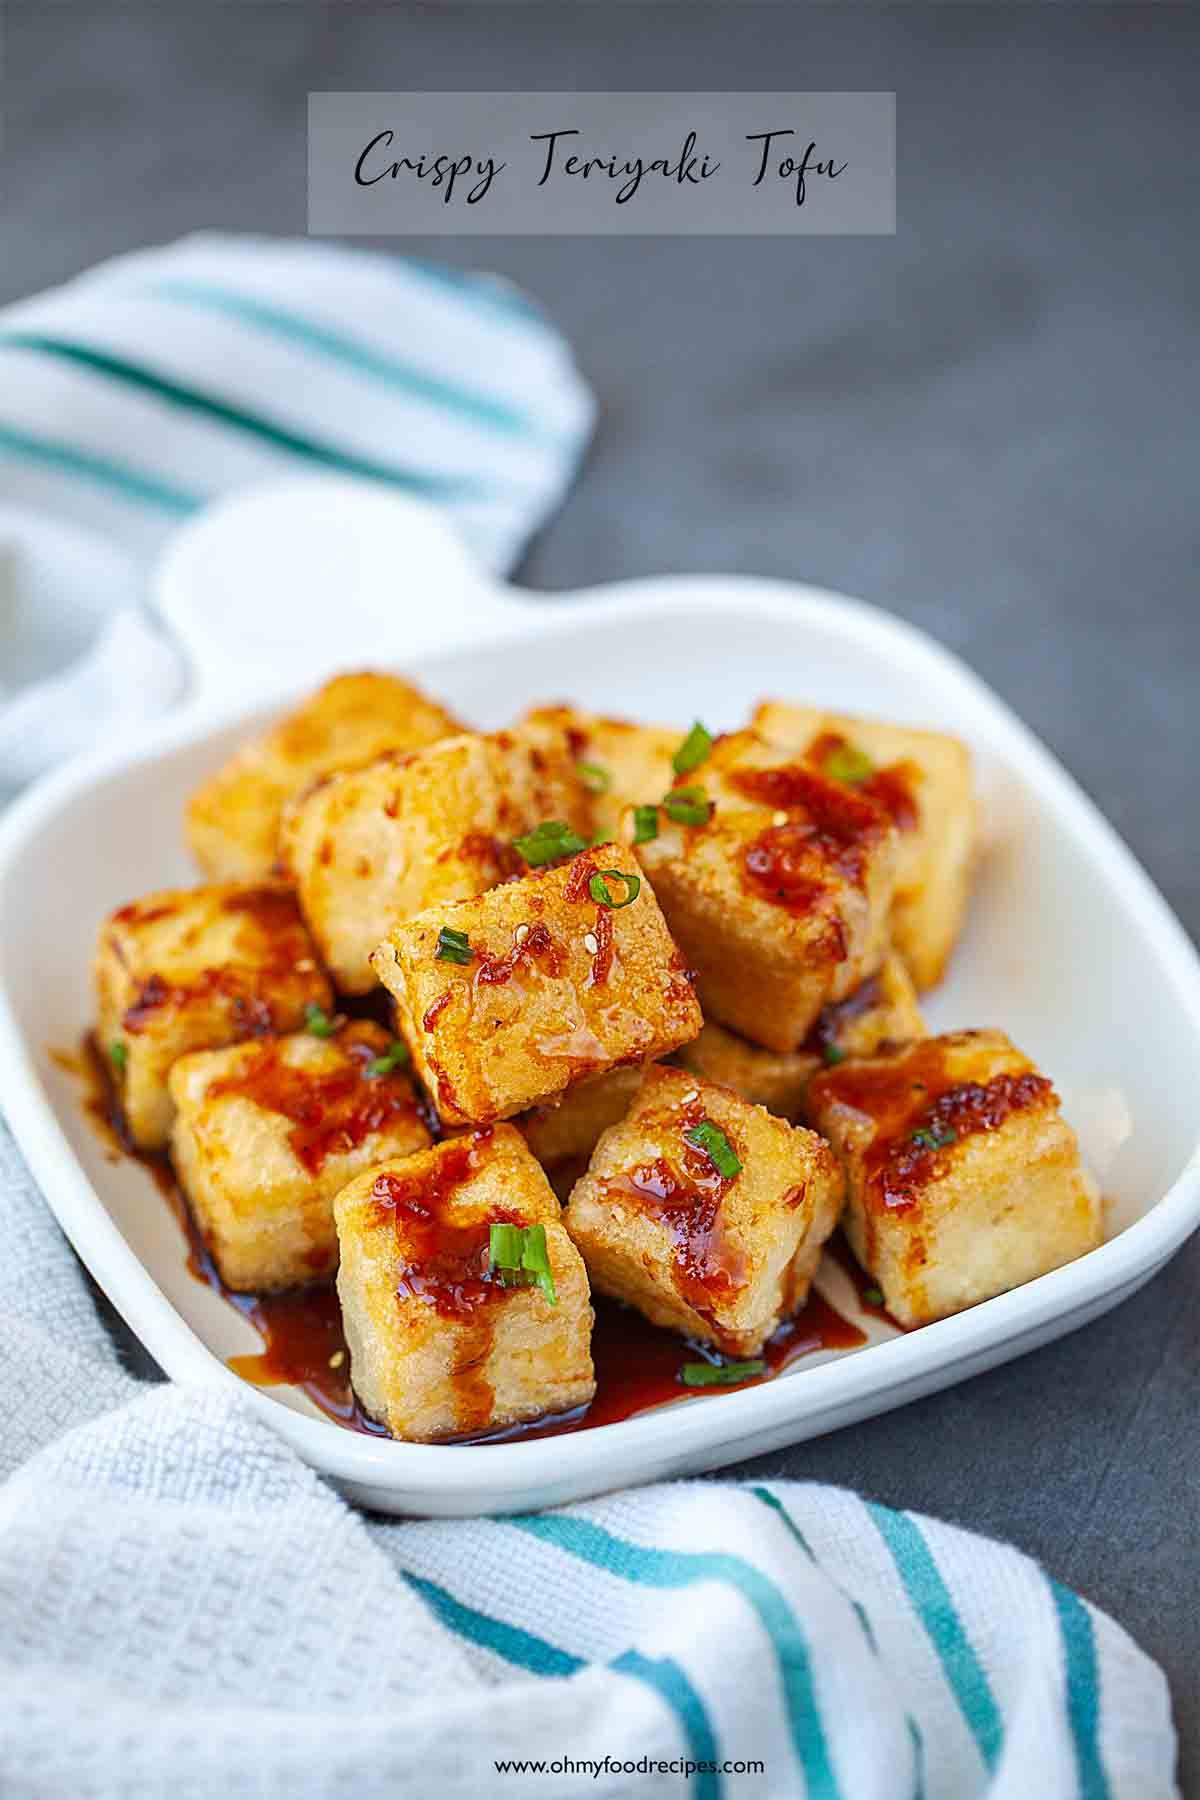 62 Vegan Tofu Recipes - Crispy Teriyaki Tofu   Hurry The Food Up